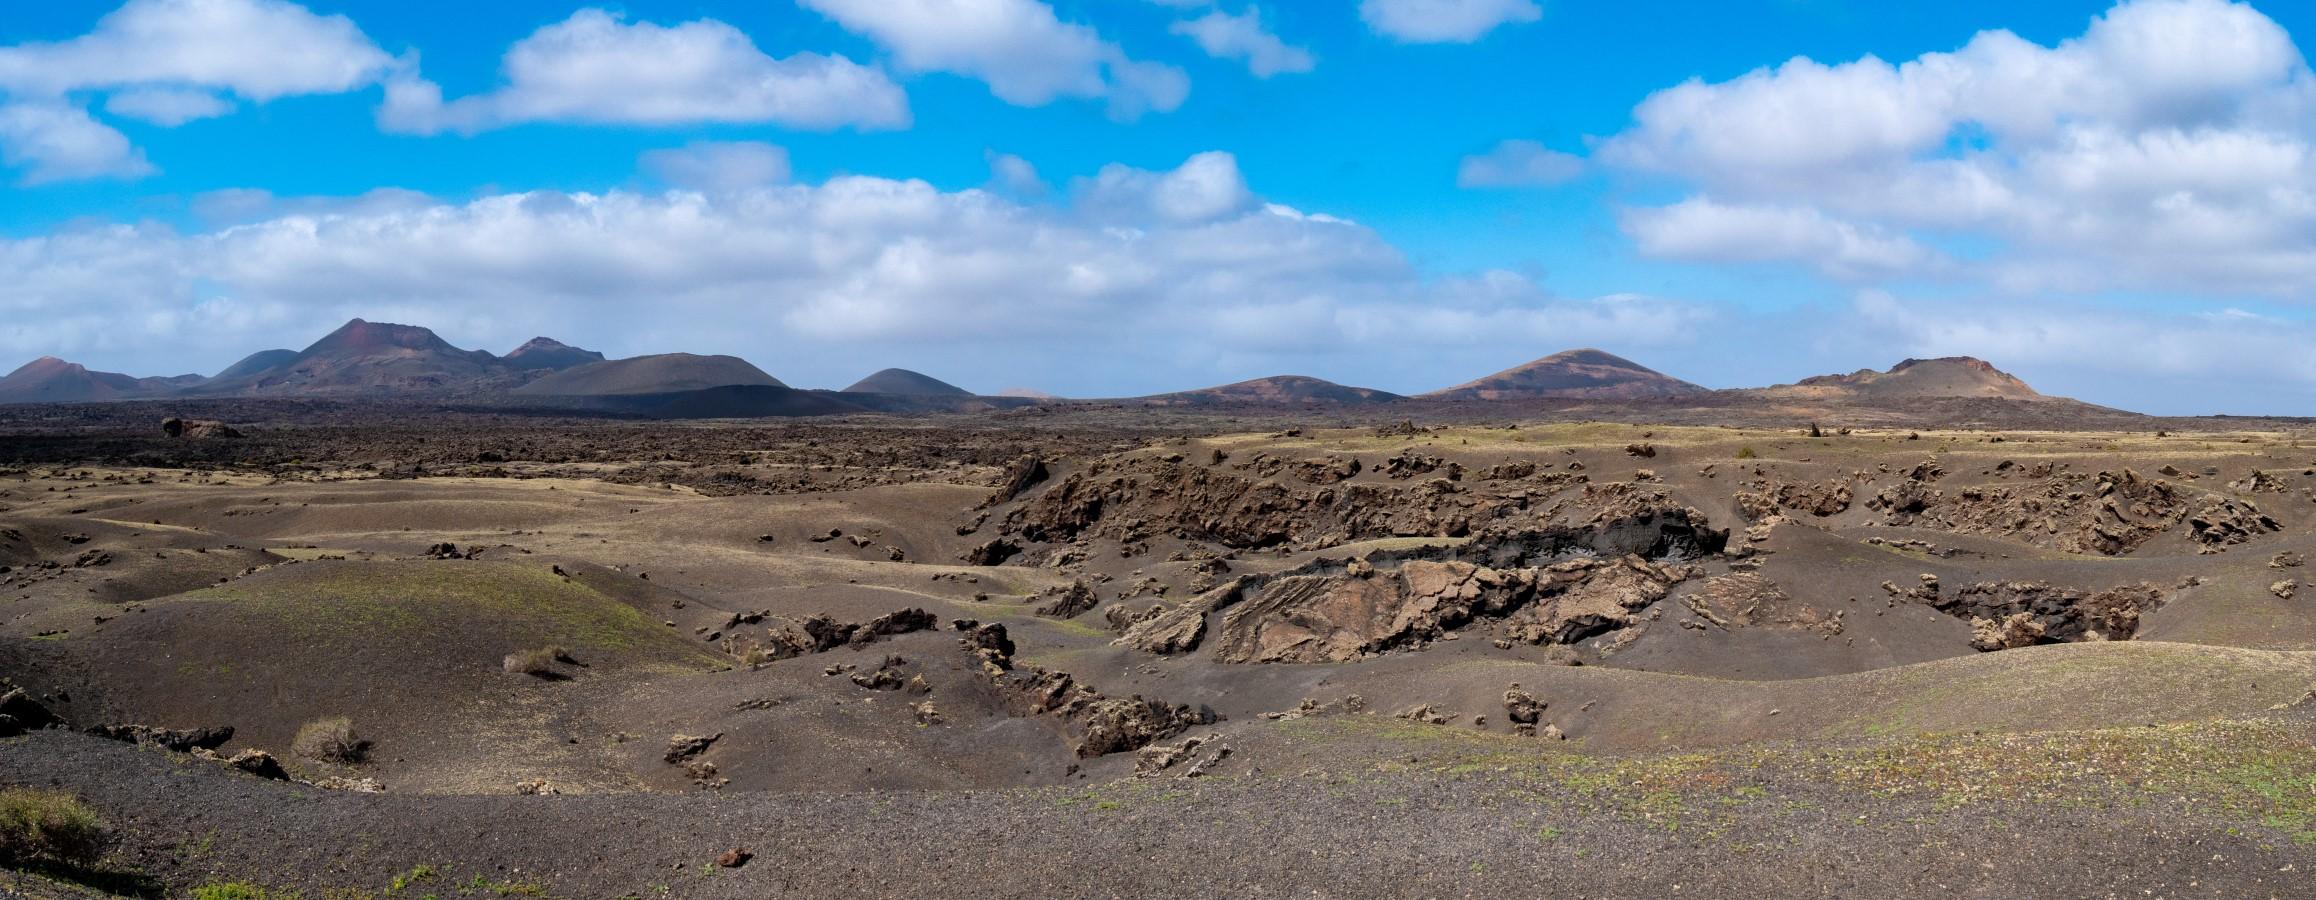 Blick über ein Lavafeld zu den Feuerbergen